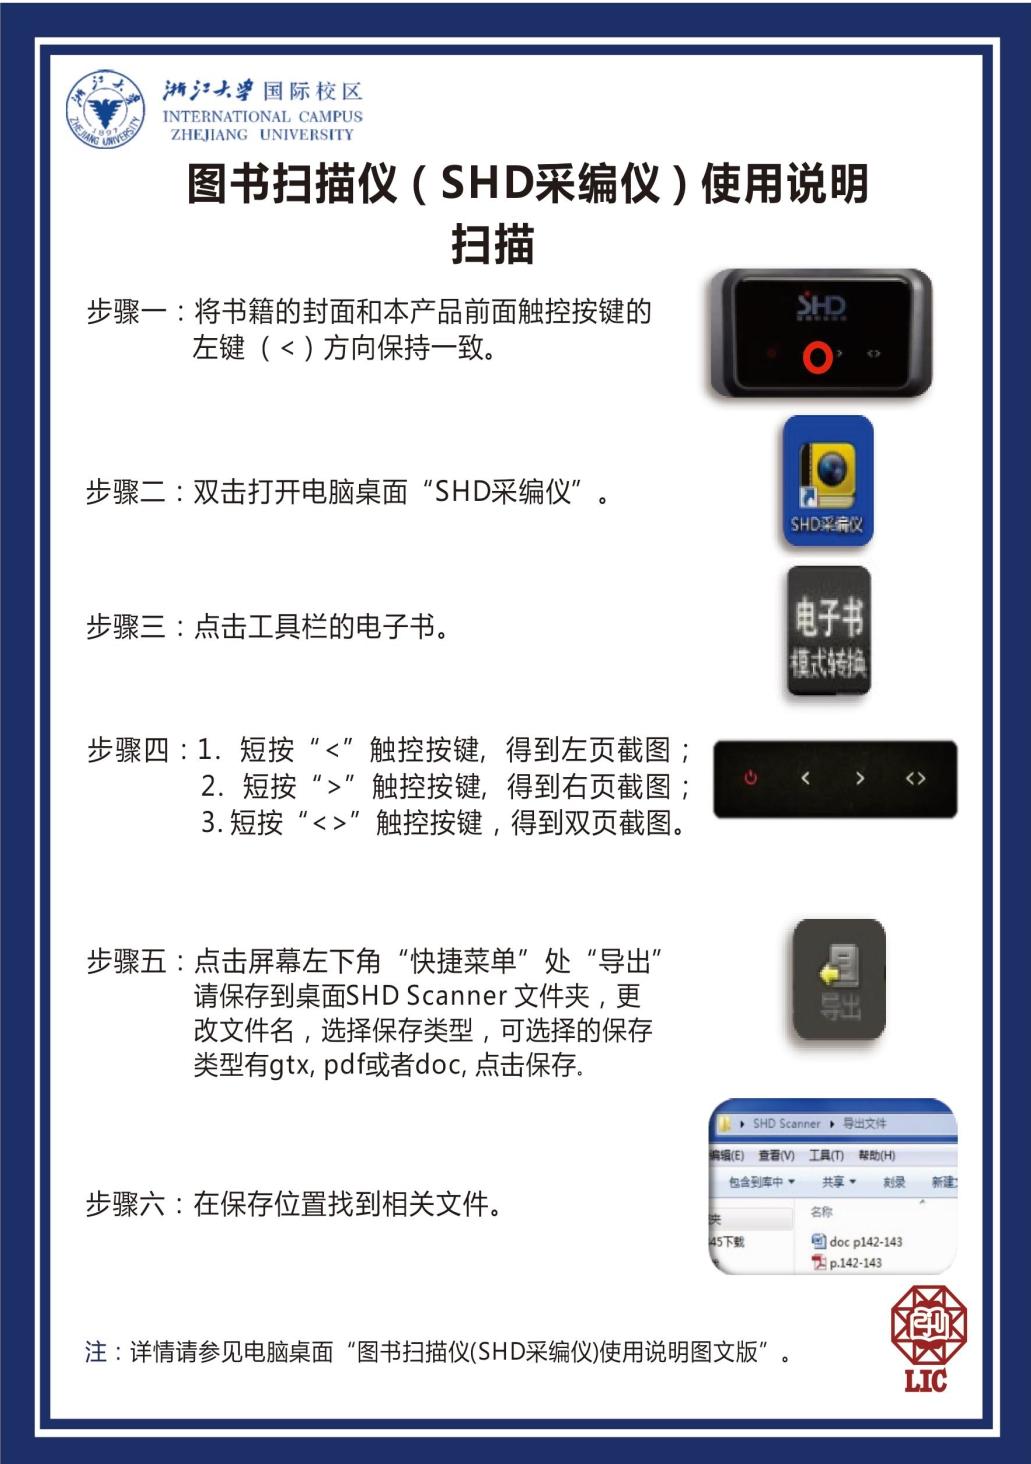 图书扫描服务(中文).jpg